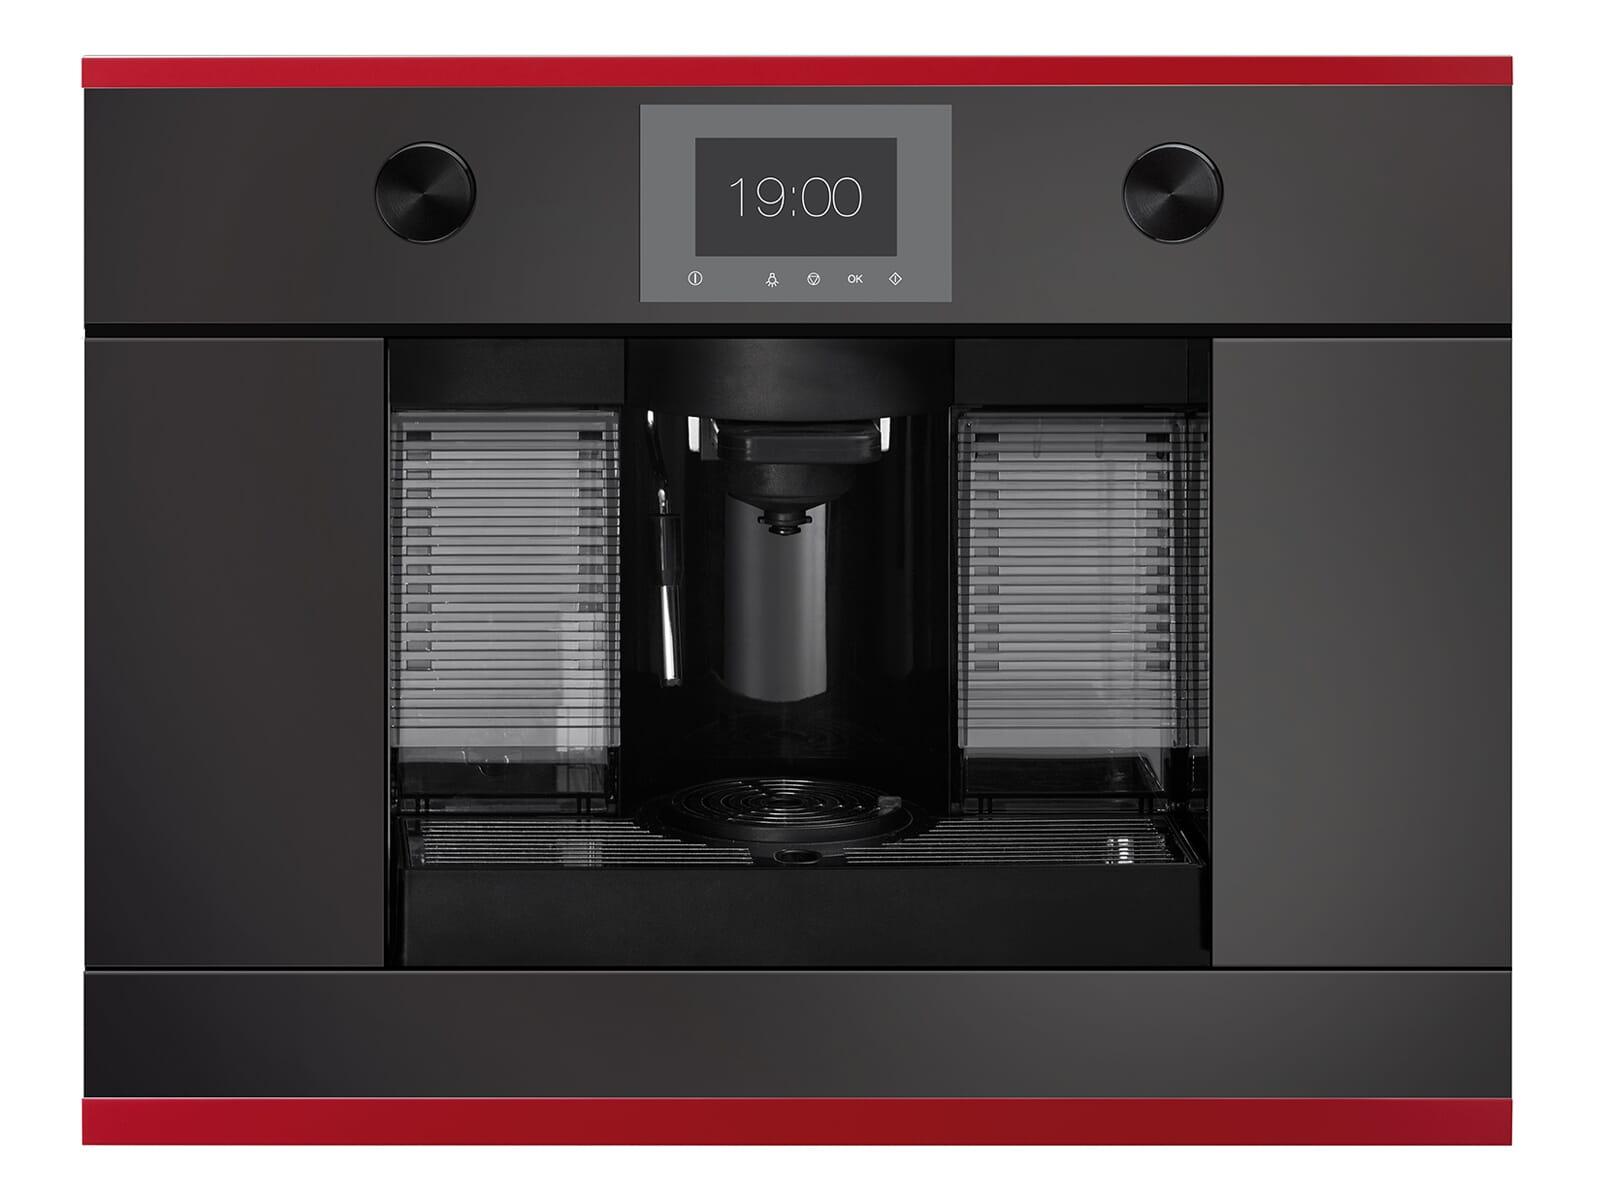 Küppersbusch CKK 6350.0 S8 K-Series.3 Kaffee-Kapselautomat Schwarz/Hot Chil für Nespresso® Kapseln